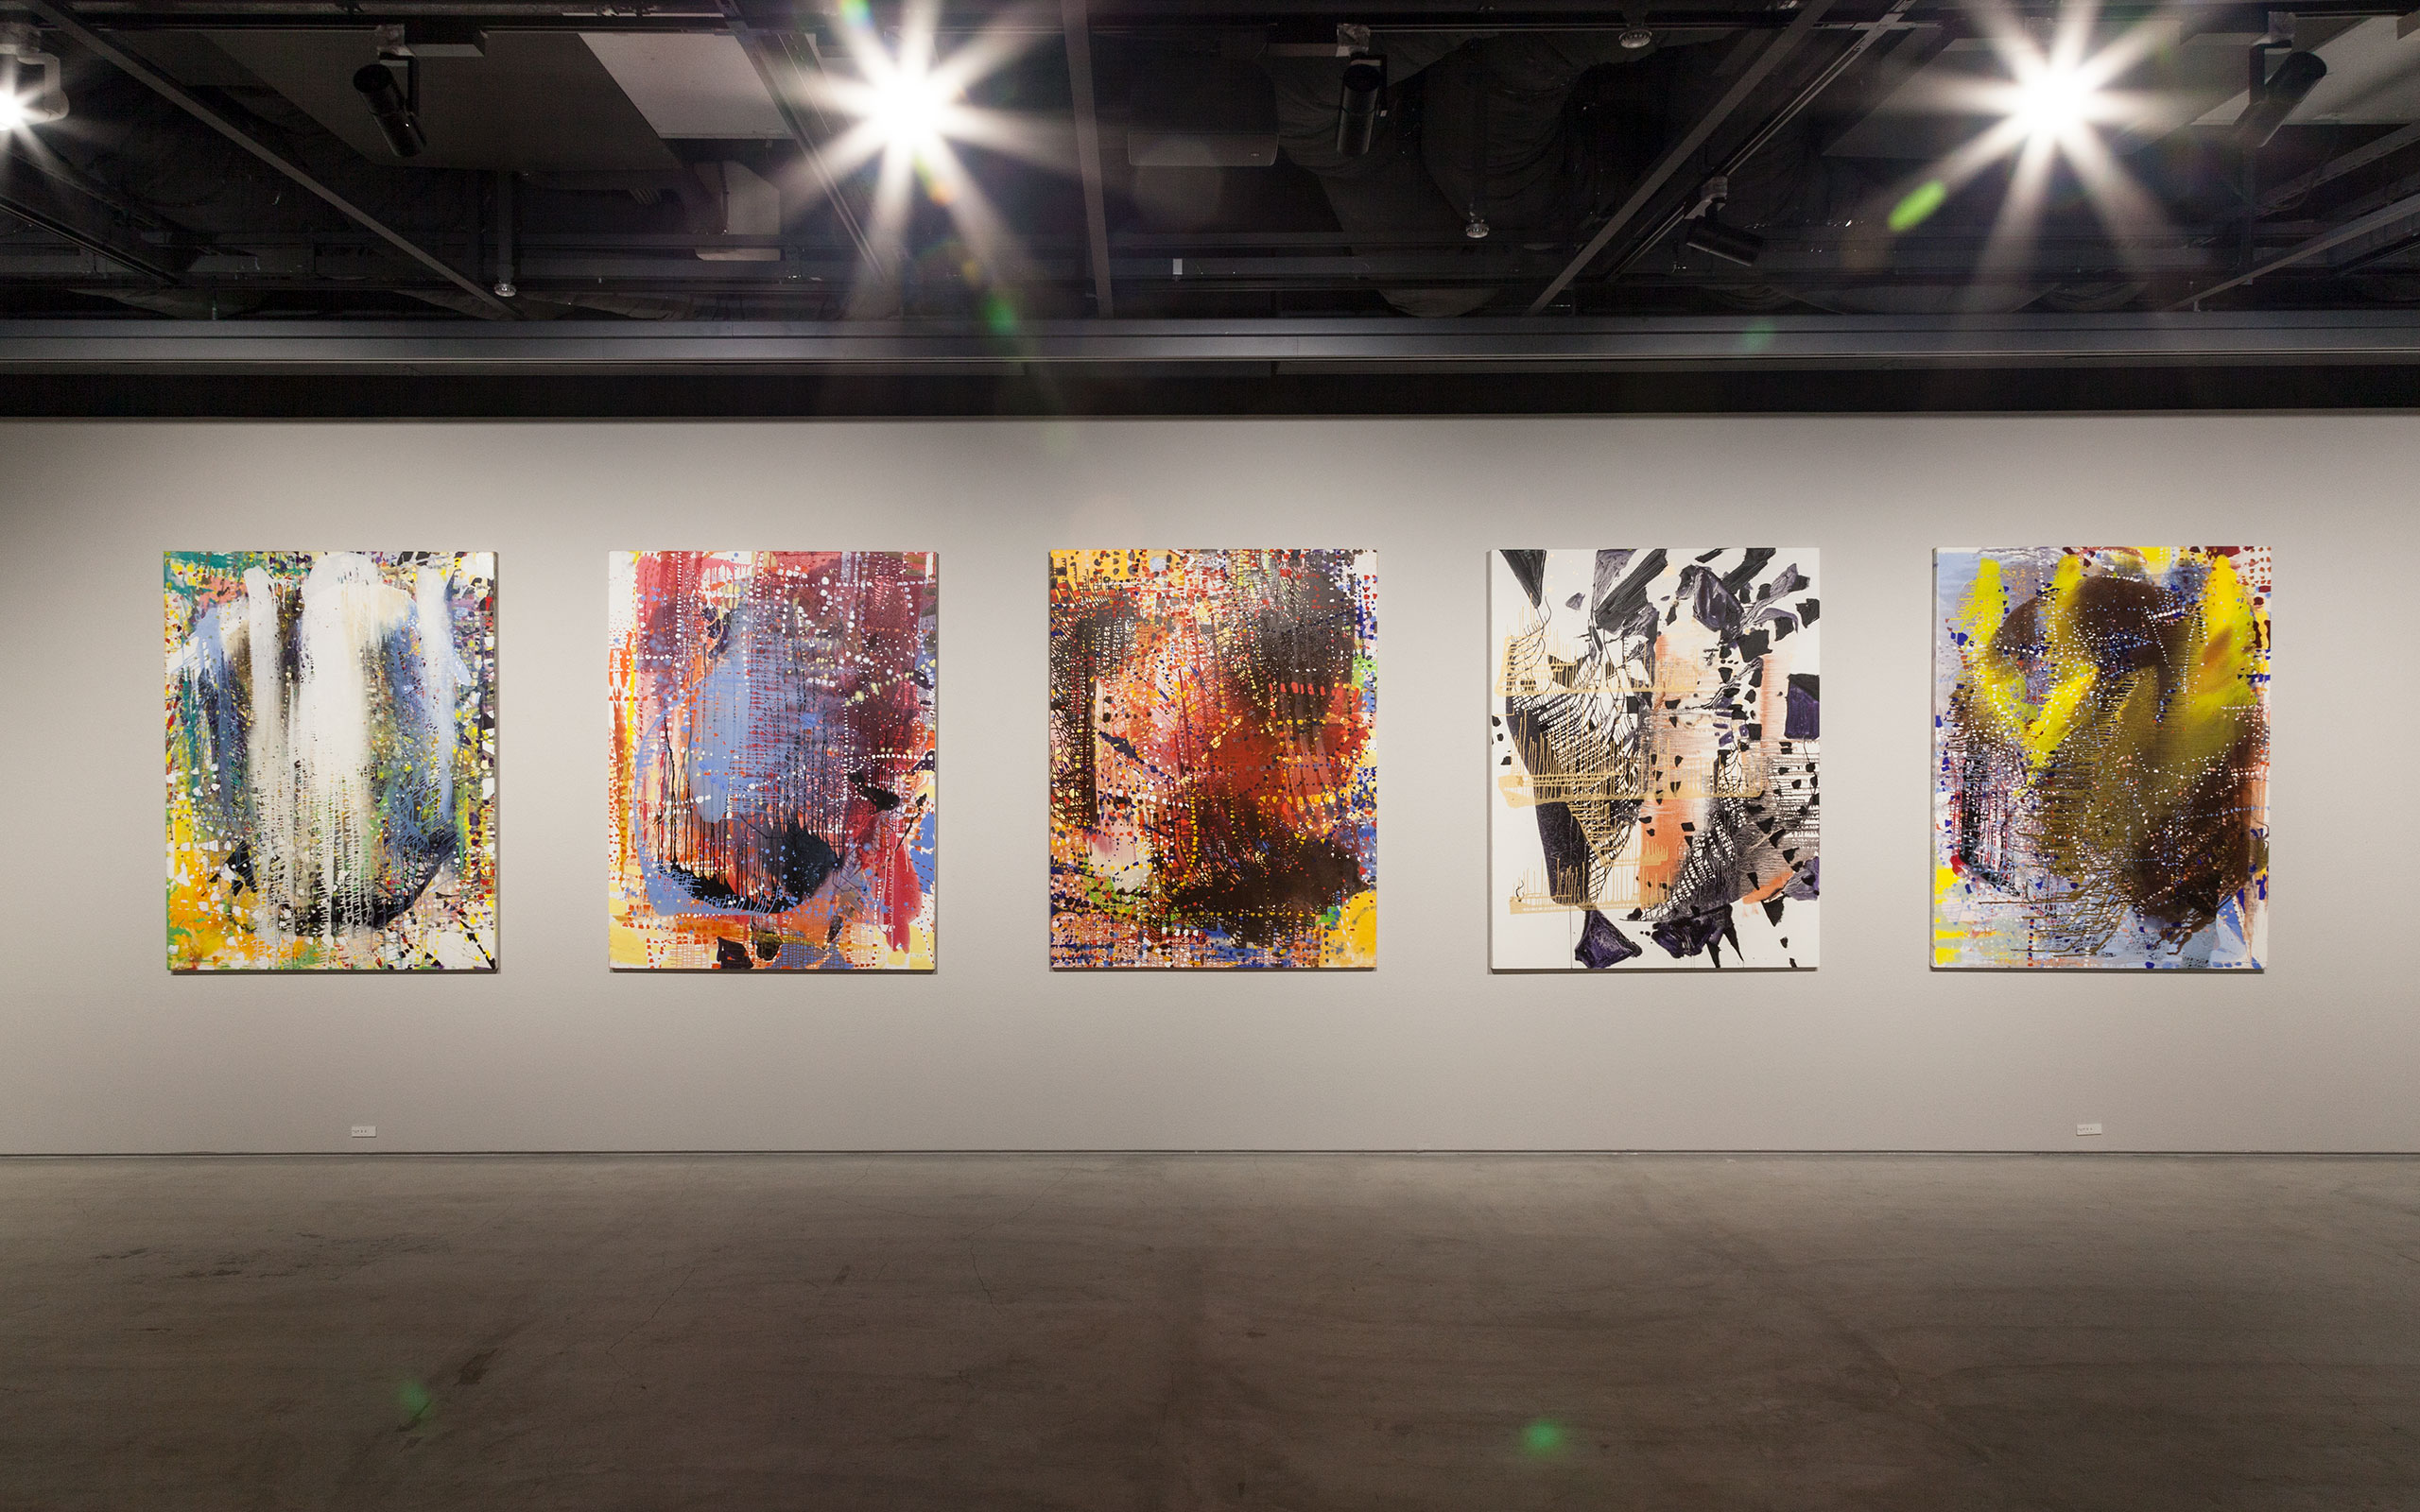 Jackie Saccoccio Exhibition At THE CLUB